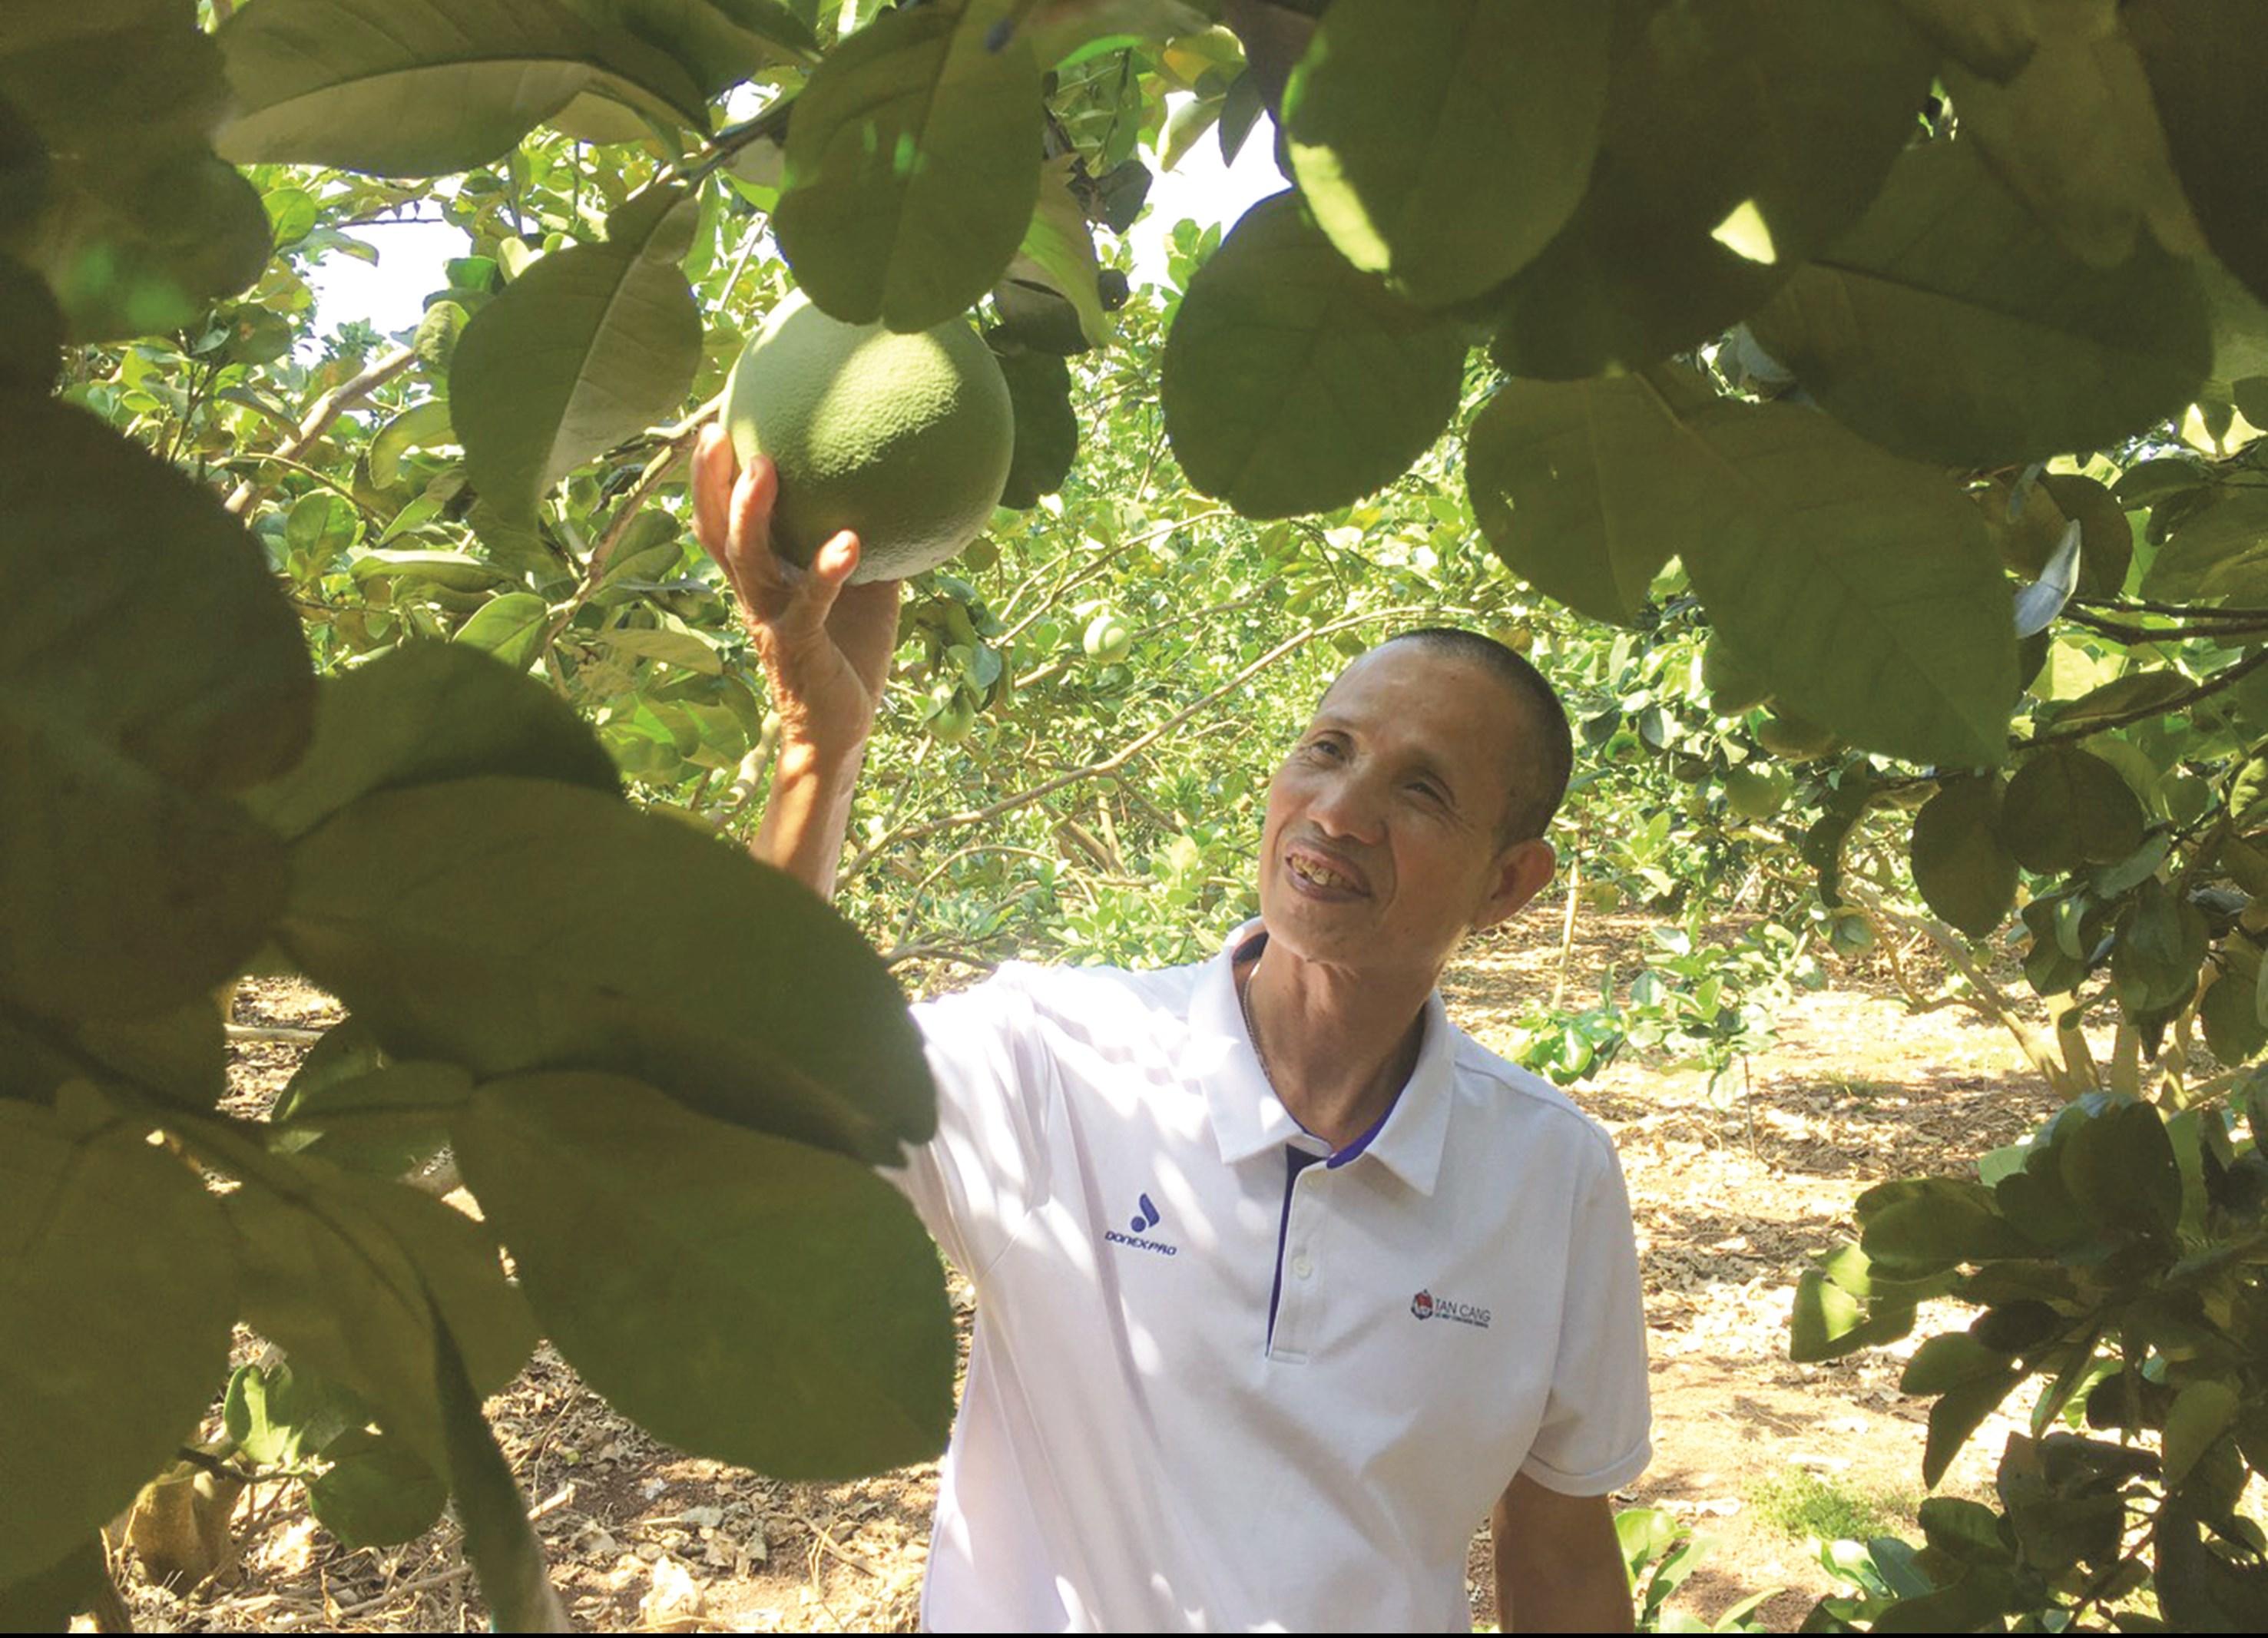 Ông Nguyễn Văn Bàn, một tỷ phú từ trồng bưởi ở xã Xuân Bắc, huyện Xuân Lộc.